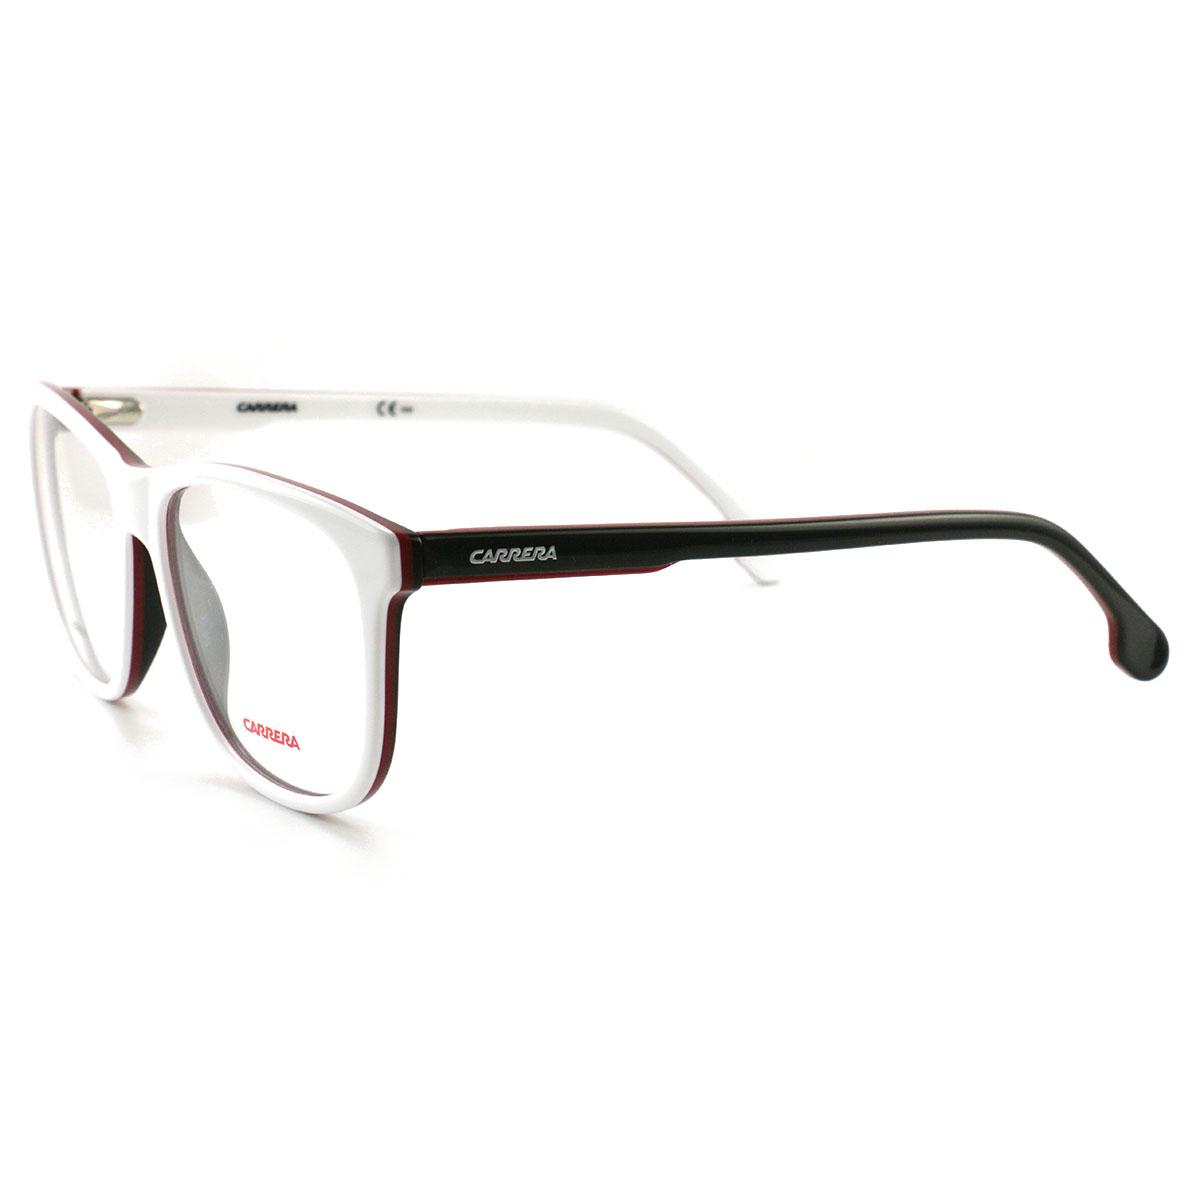 67d73472c2 Carrera Women s Eyeglasses CA1105V VK6 White 53 17 145 Demo Lens ...